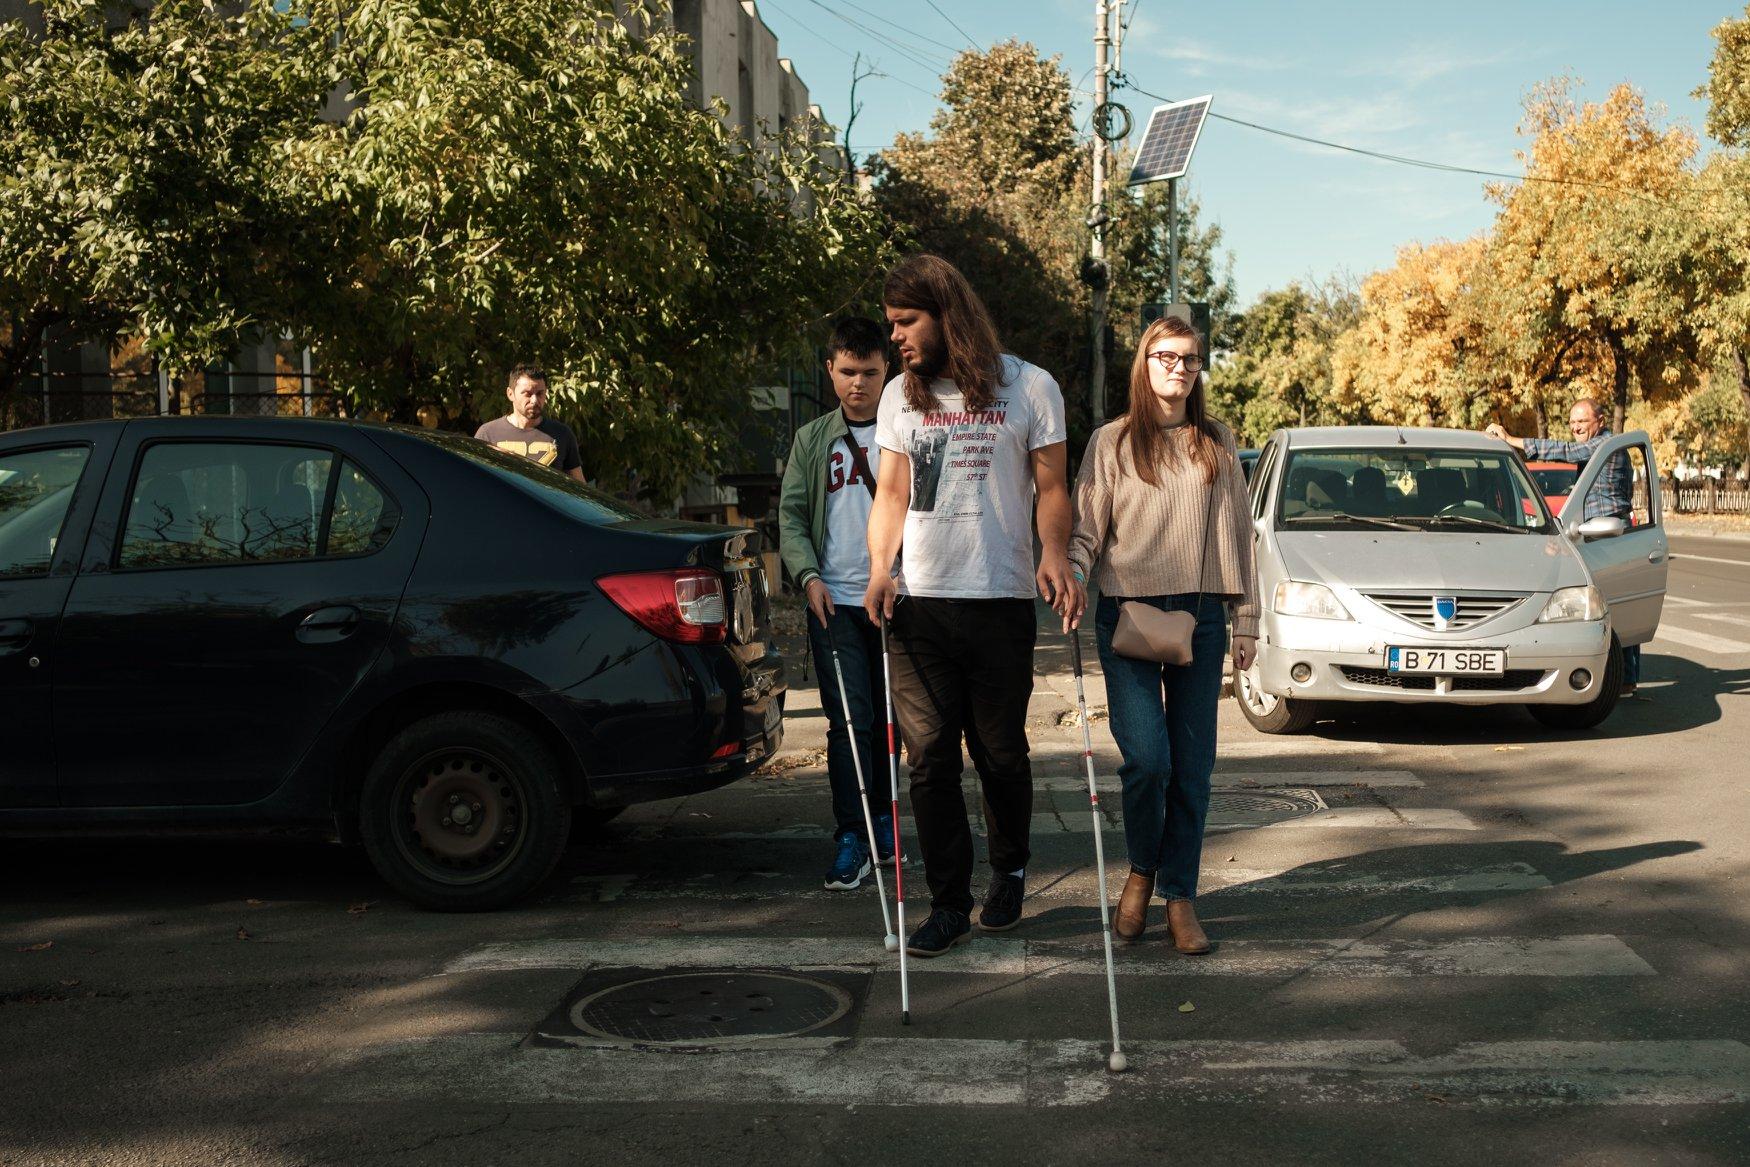 Exploratori cu bastone trec strada pe trecerea de pietoni, printre mașini parcate.